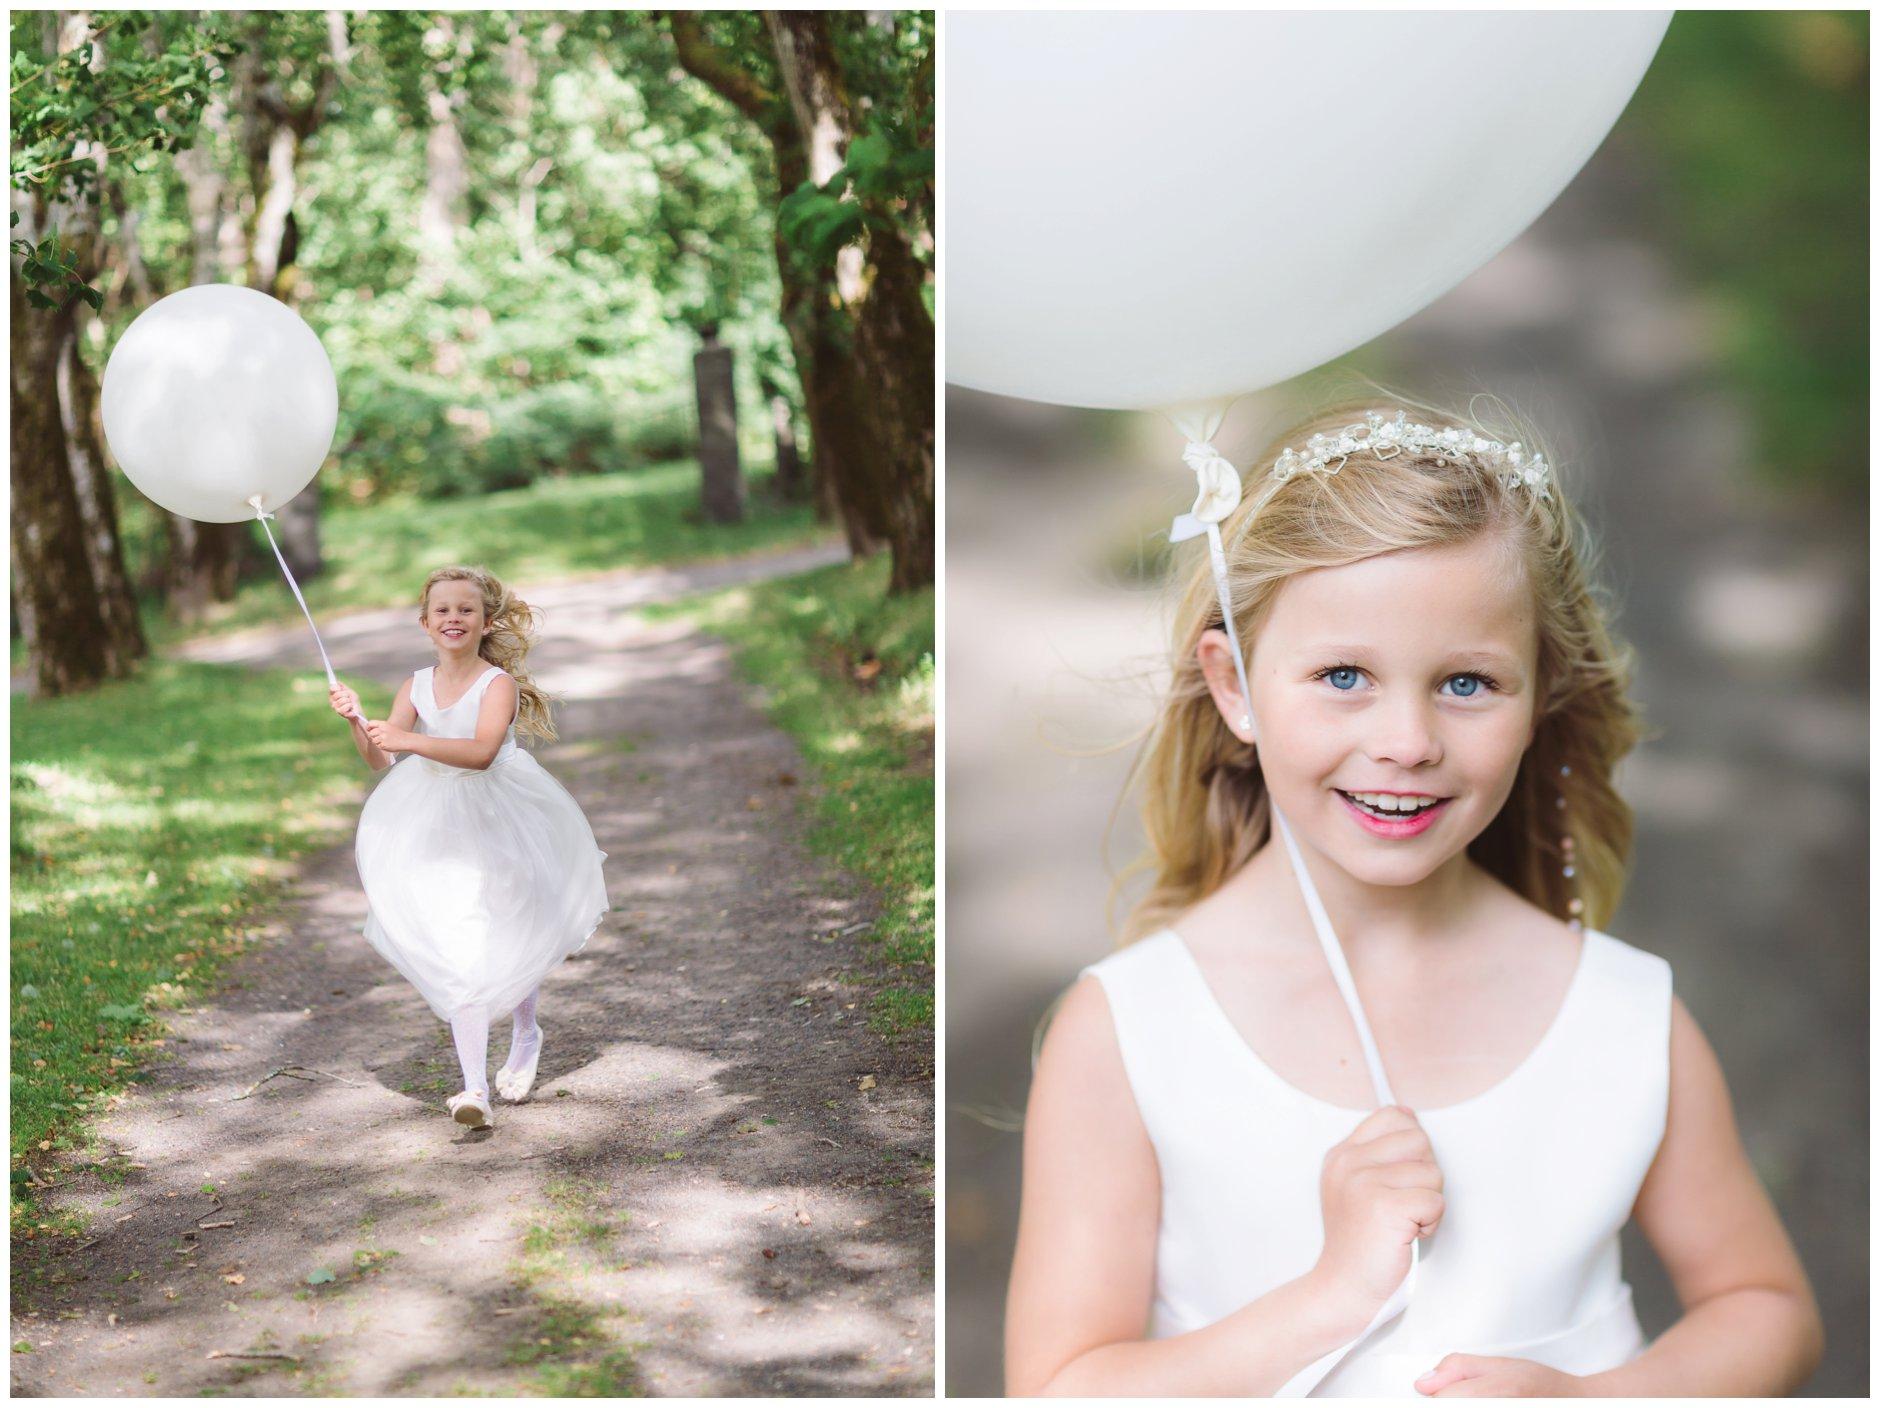 Brudepike med ballong Tjøme